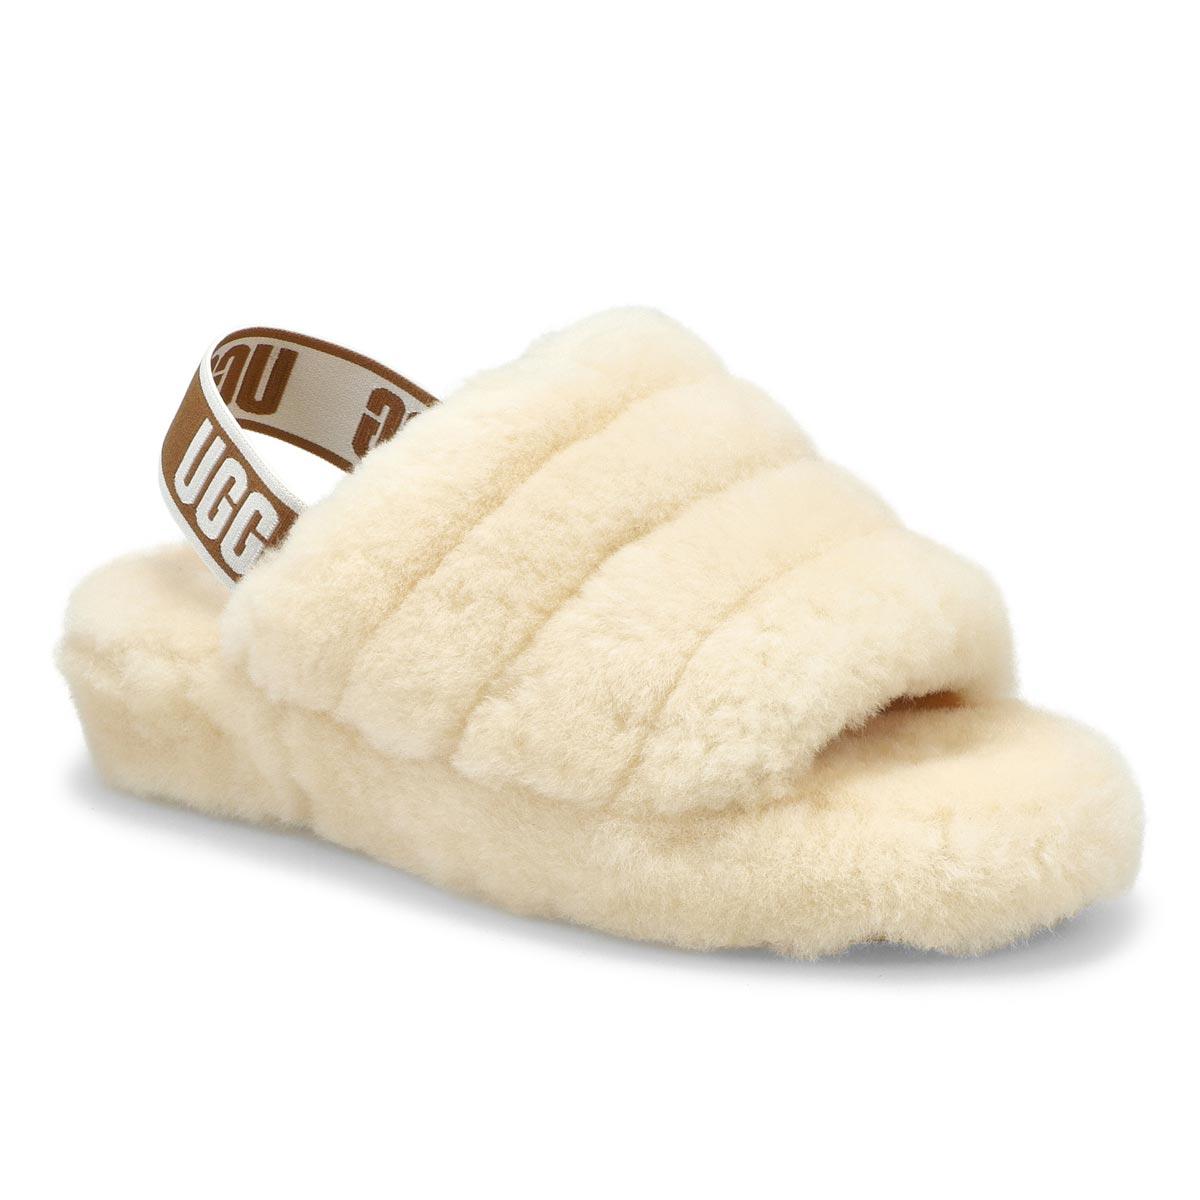 Women's Fluff Yeah Sheepskin Slipper - Natural